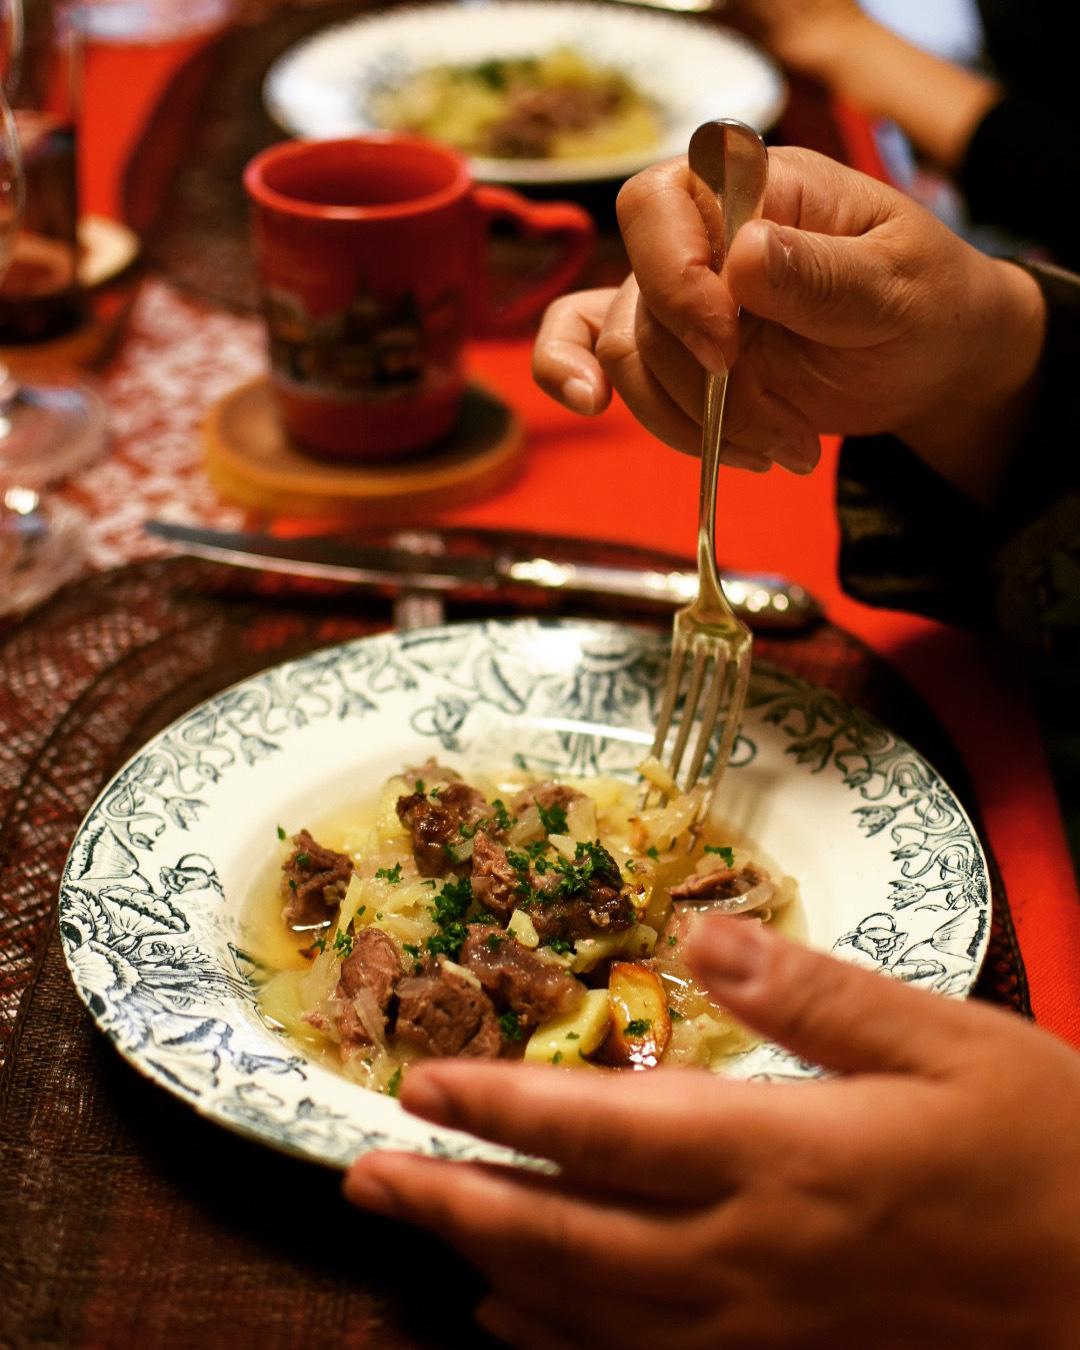 アルザス料理とおいしいお土産 スペシャルレッスン風景_a0100596_10282118.jpeg